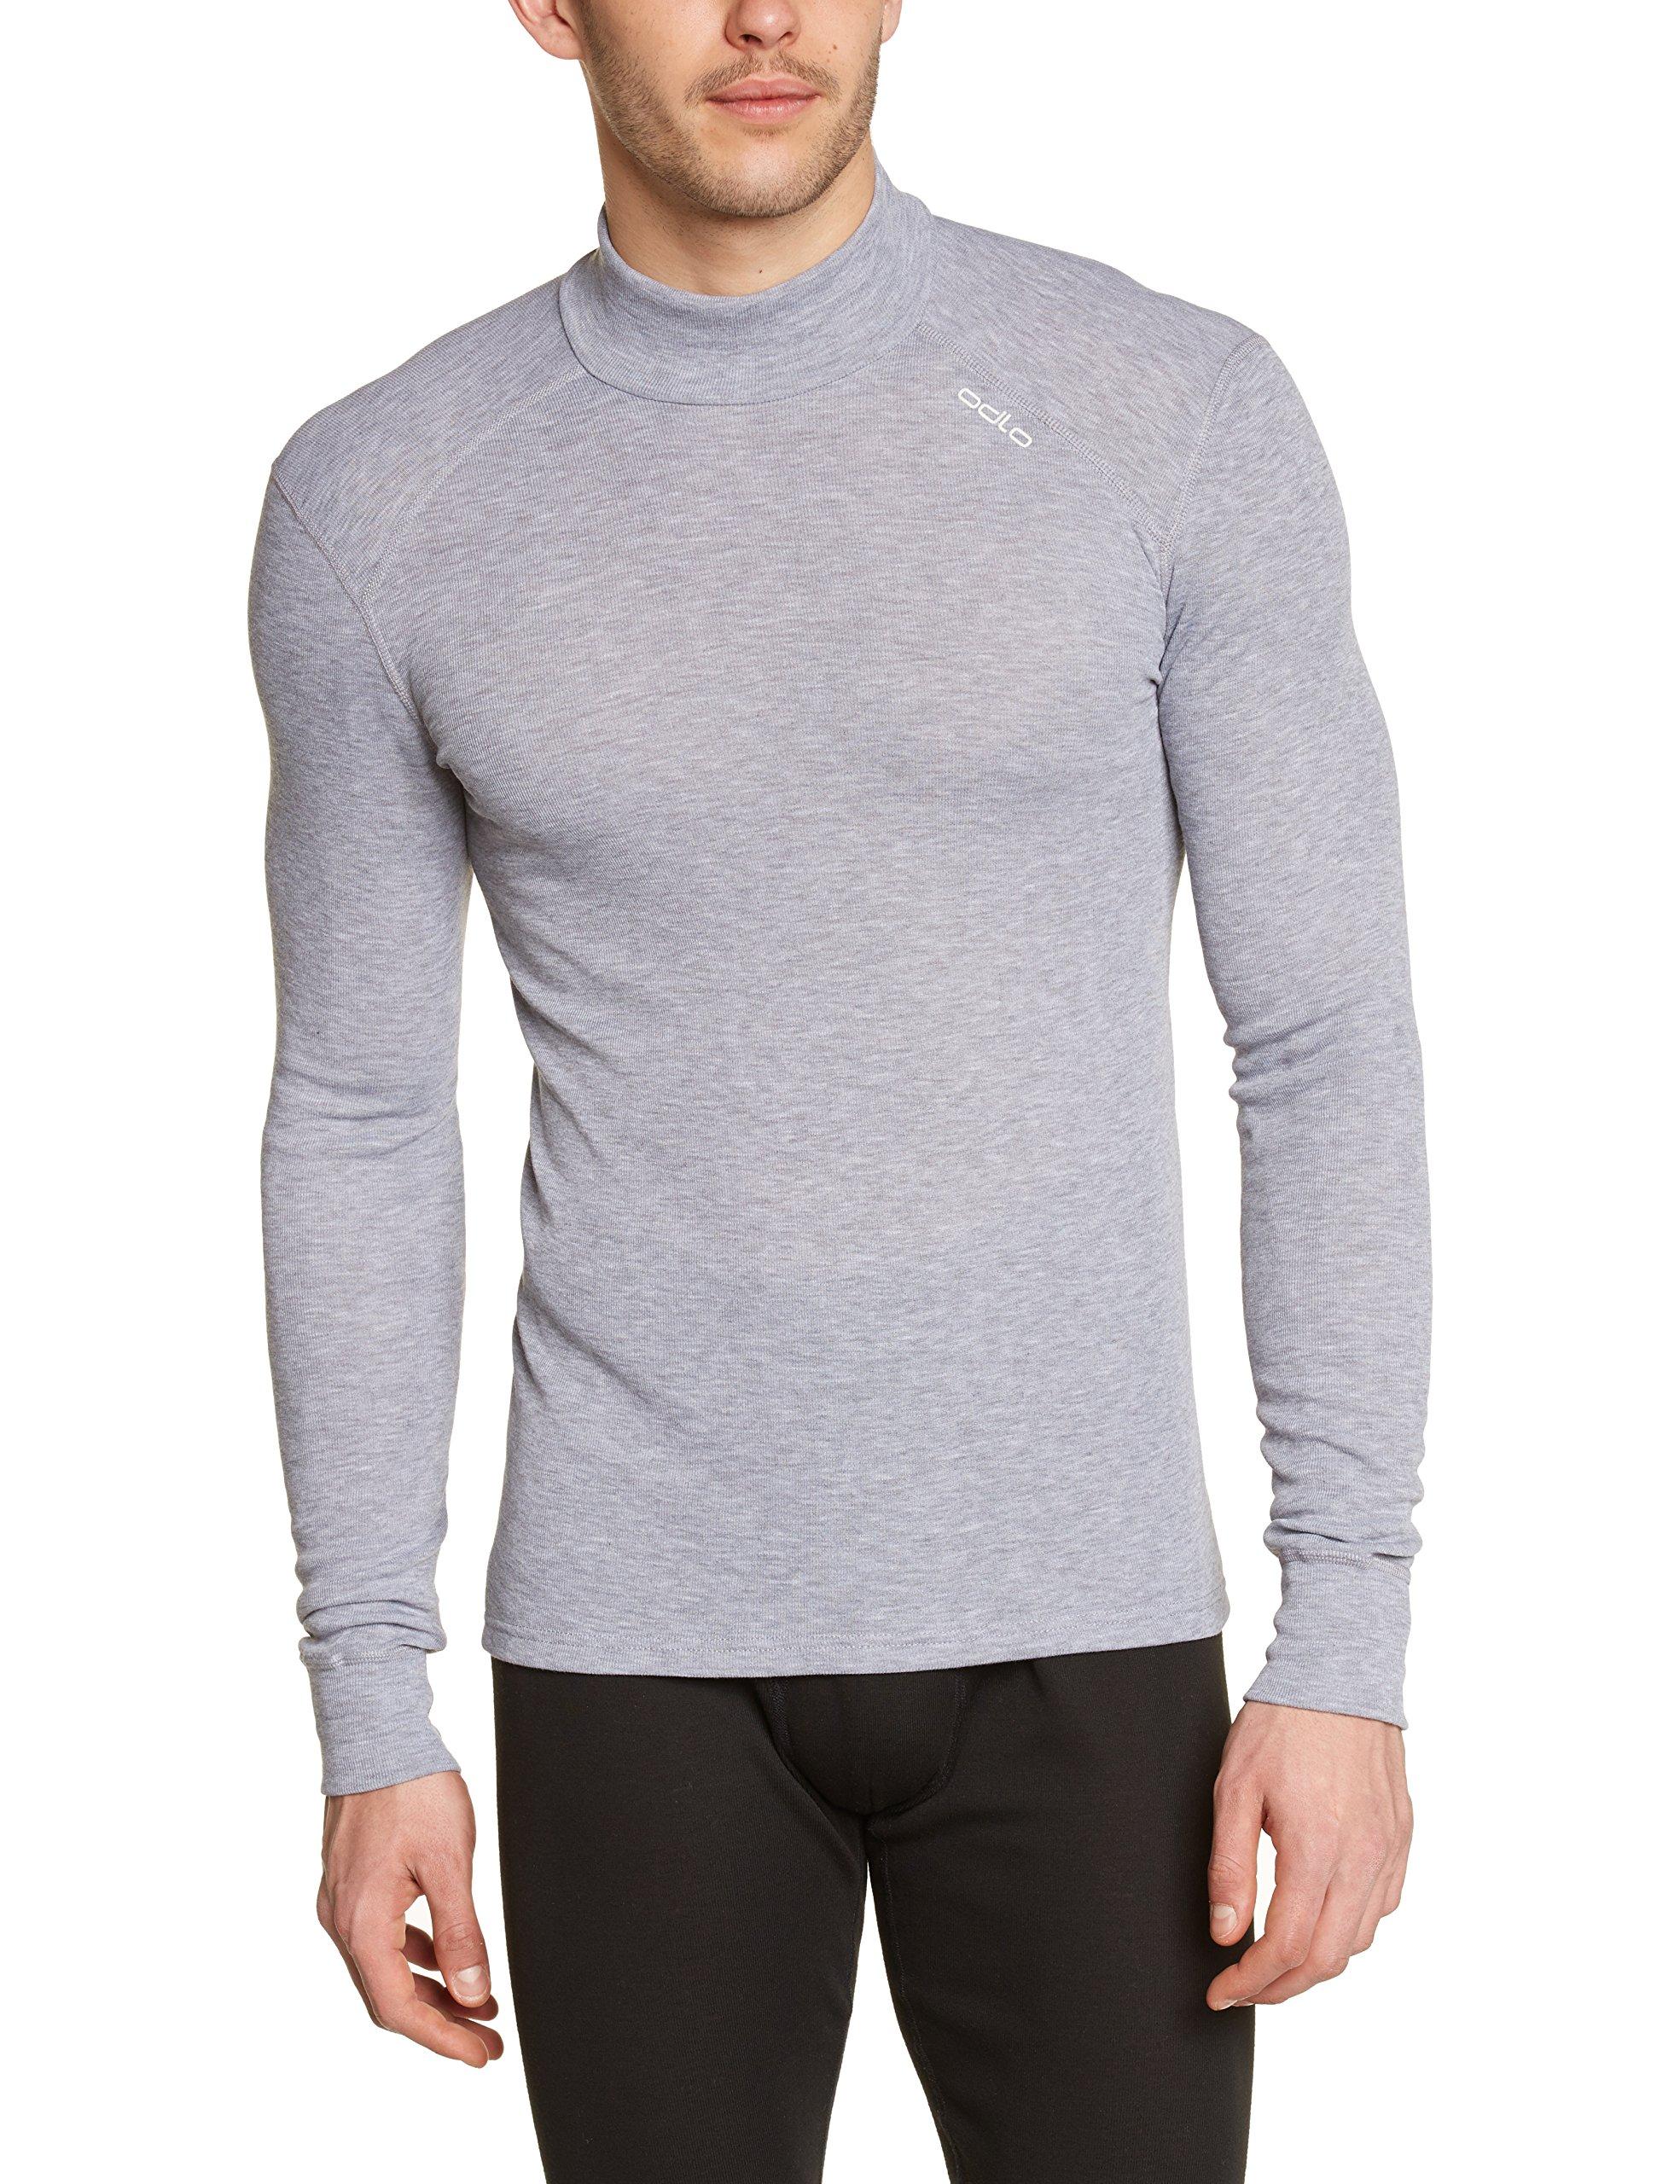 Odlo Originals Warm T-Shirt chaud col droit manches longues Homme product image